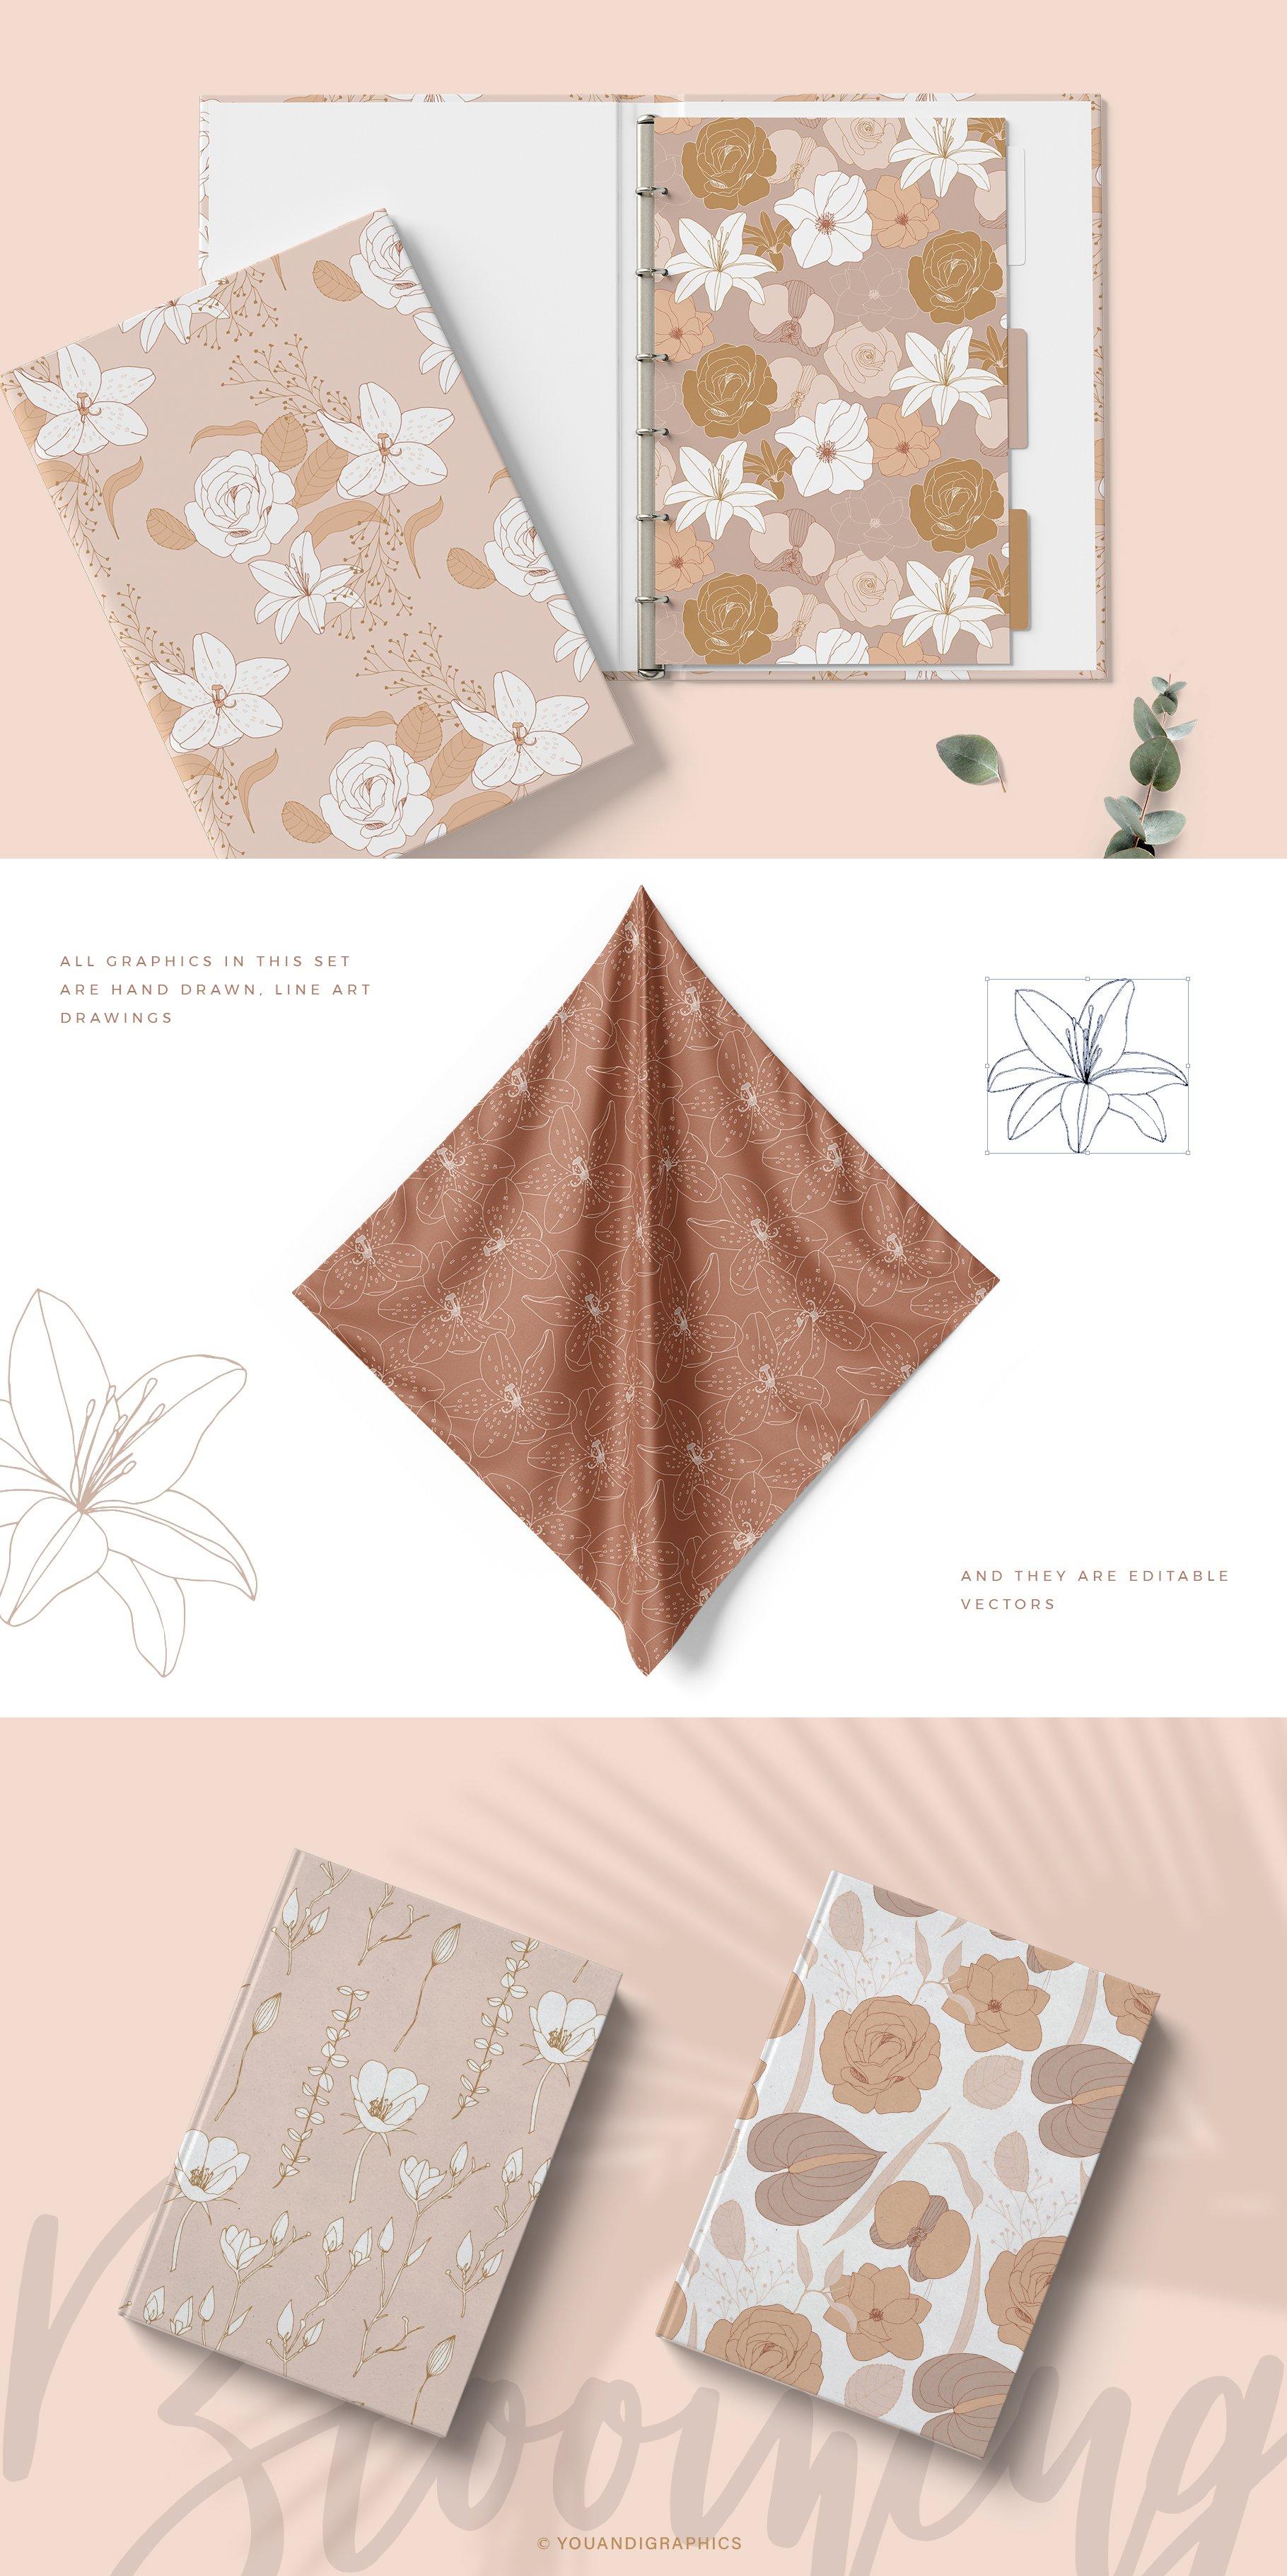 手绘盛开花卉花朵矢量无缝隙图案素材 Blooming Garden Floral Patterns插图(5)